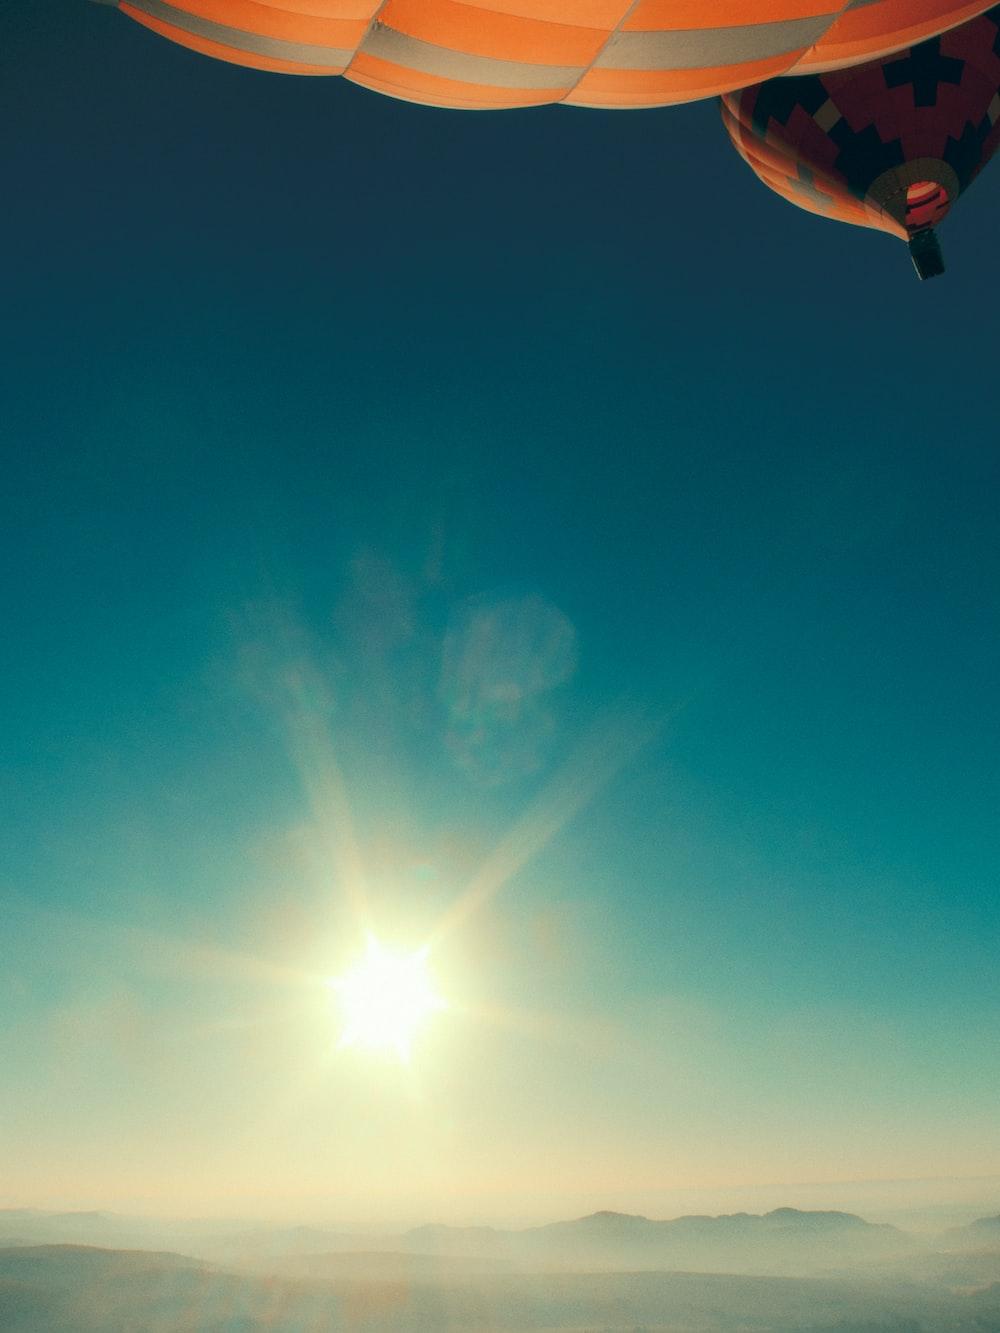 photo of sun